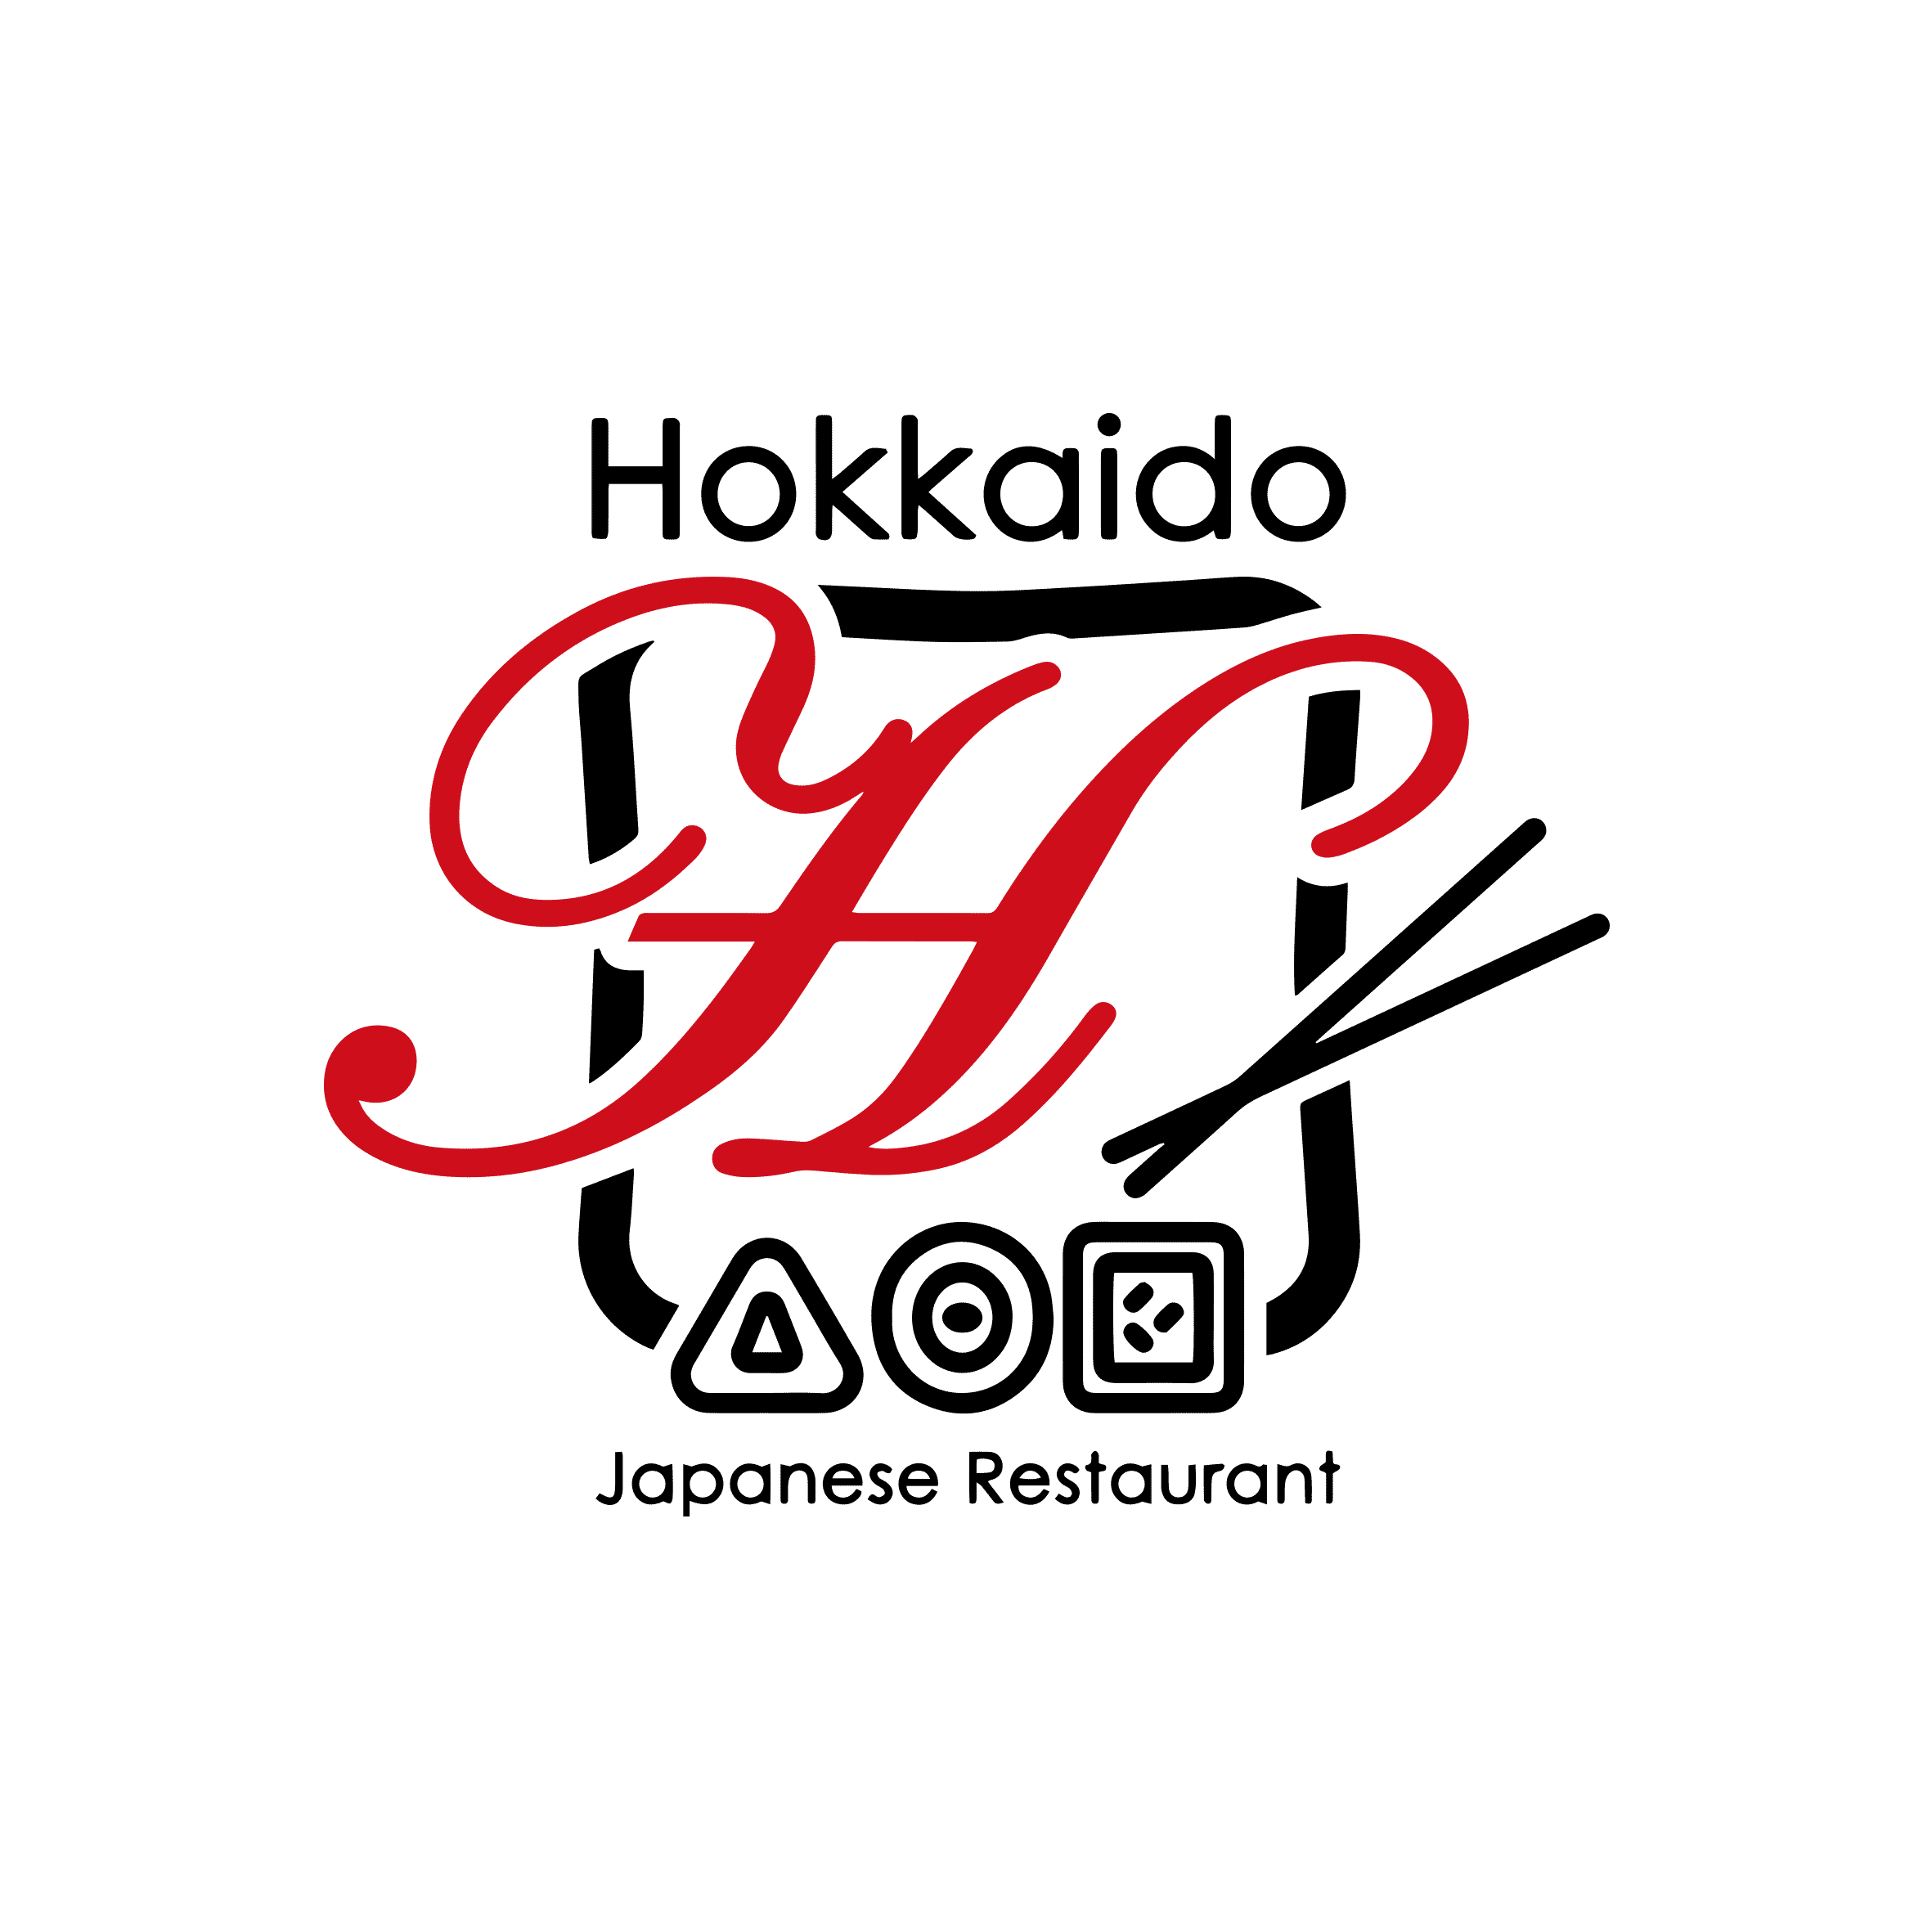 Hokkaido Ristorante Giapponese